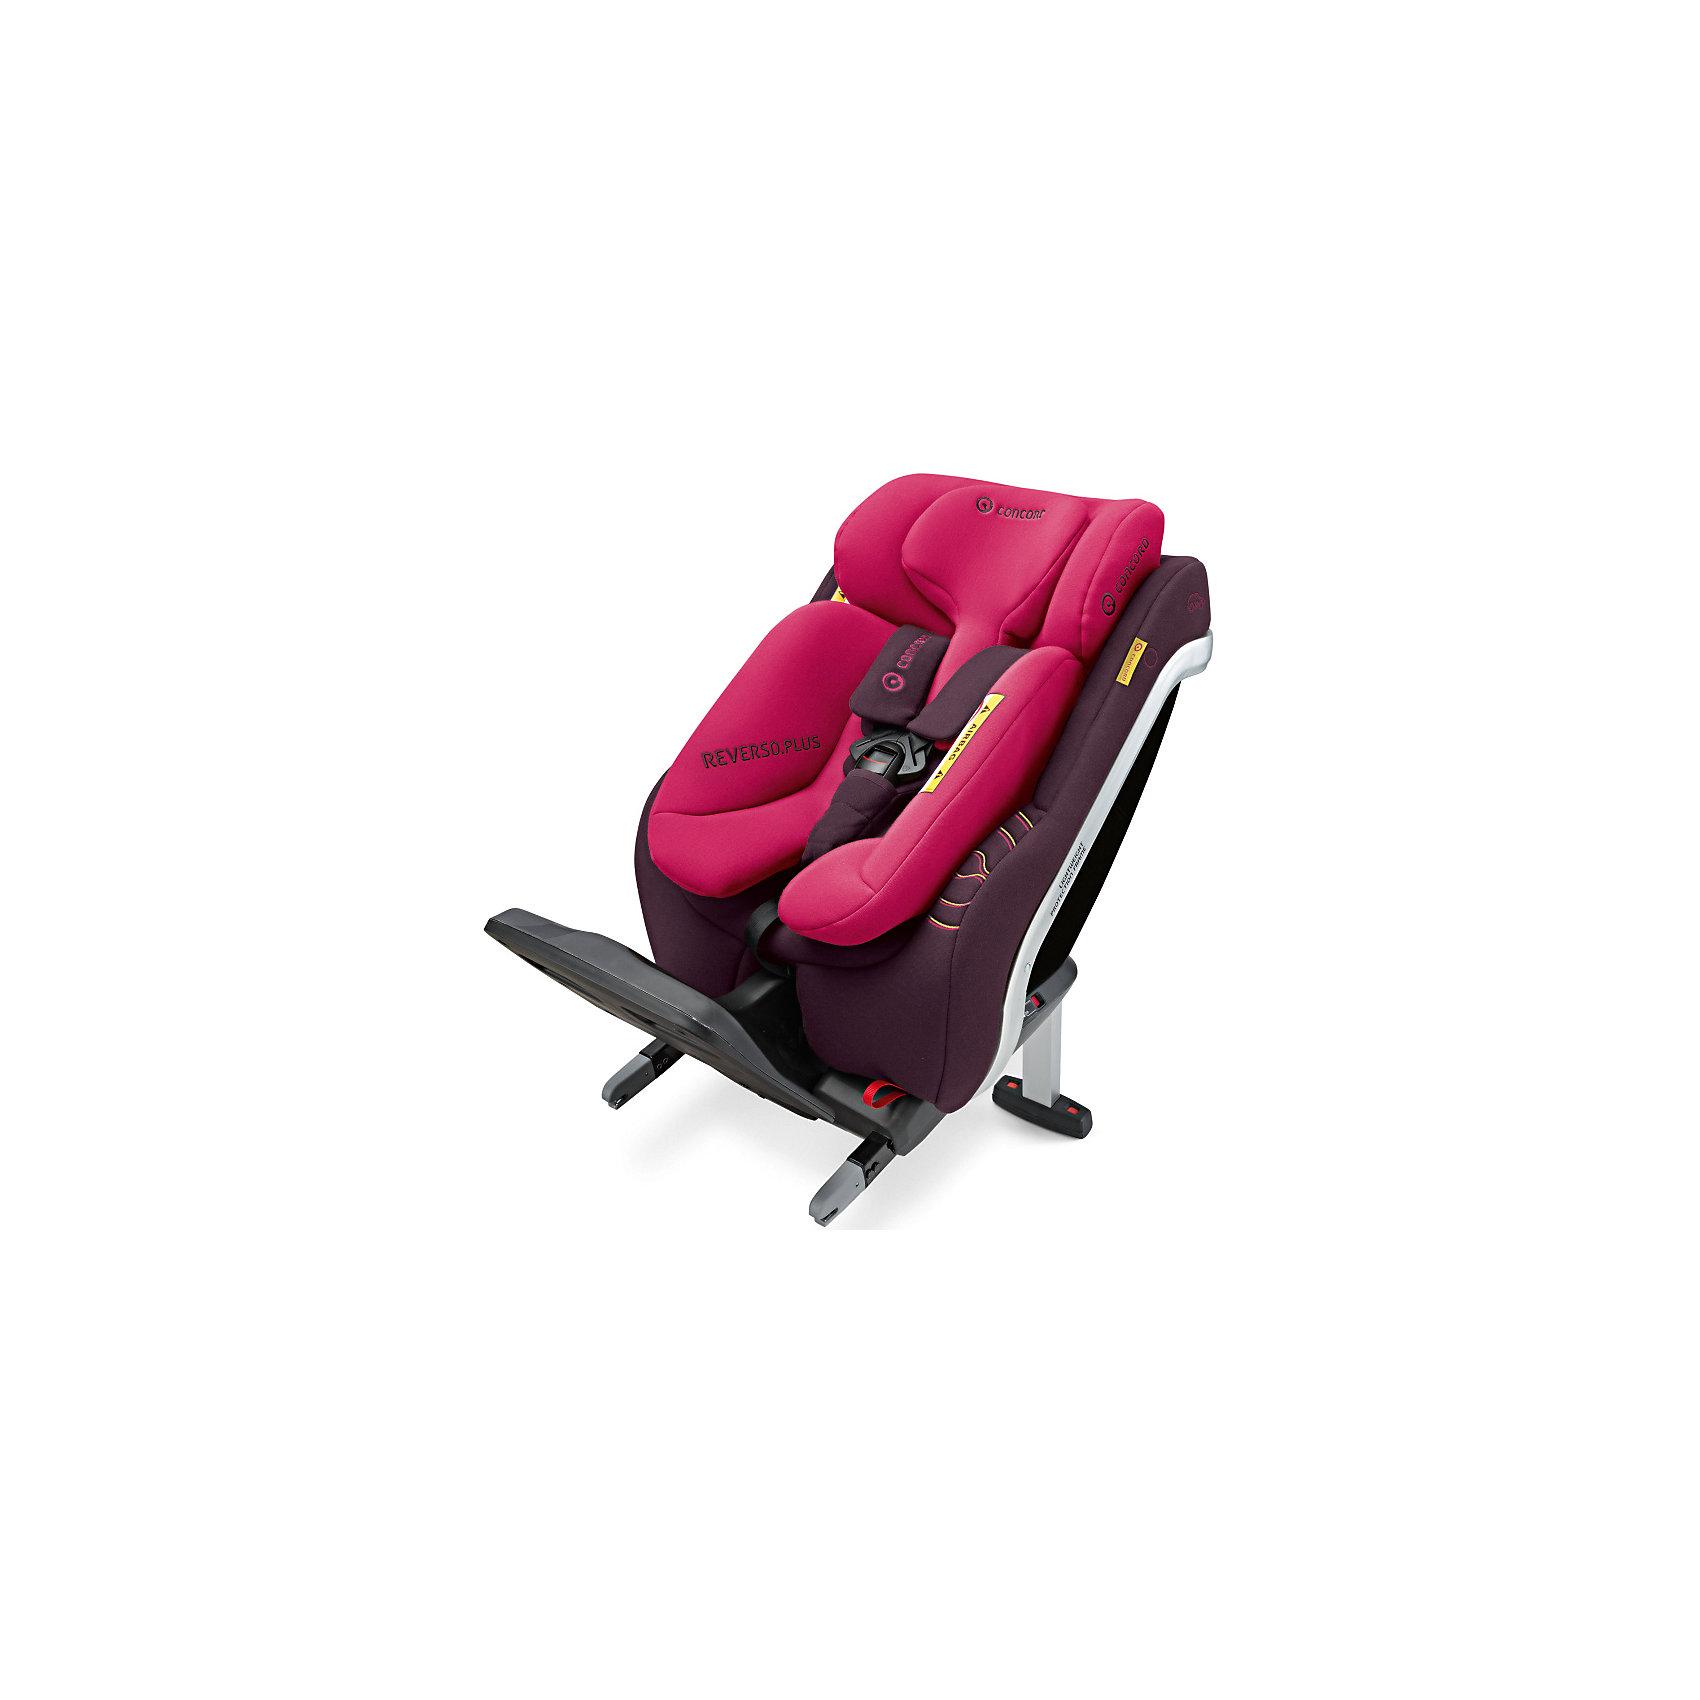 Автокресло Concord Reverso.Plus, 0-23 кг, Rose Pink